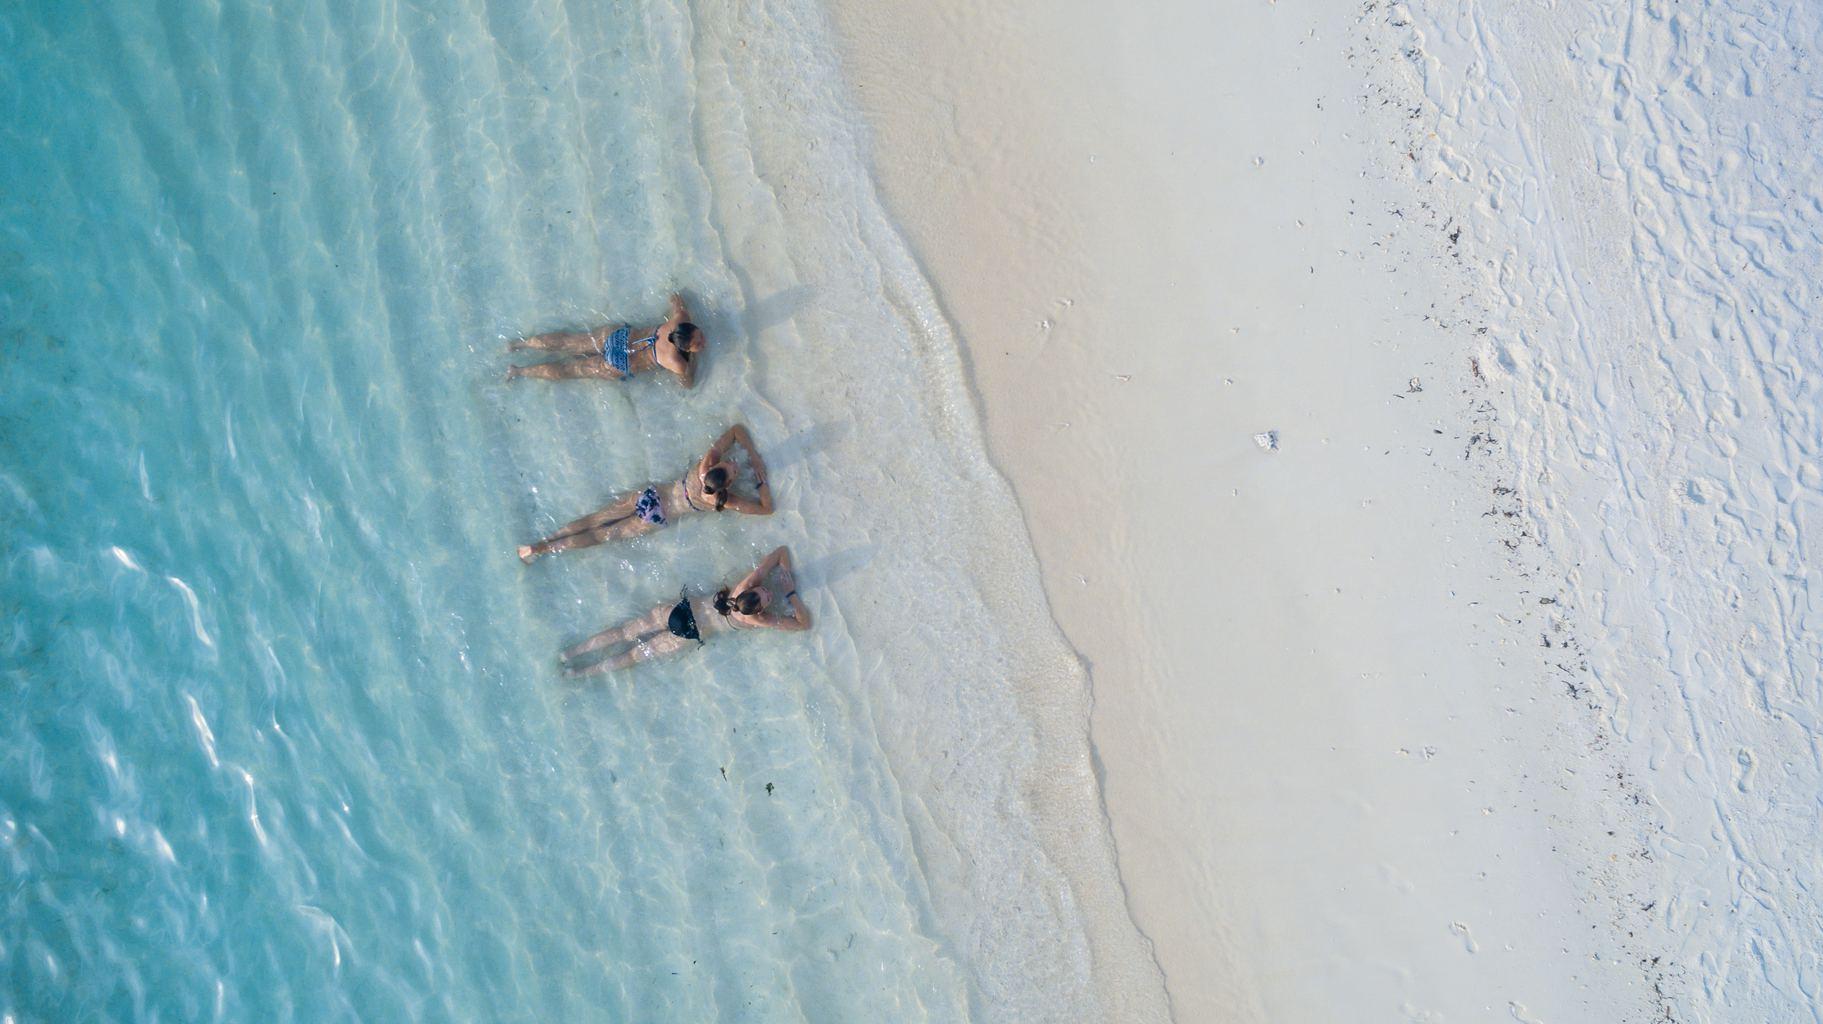 fotografía aérea de tres chicas en la playa